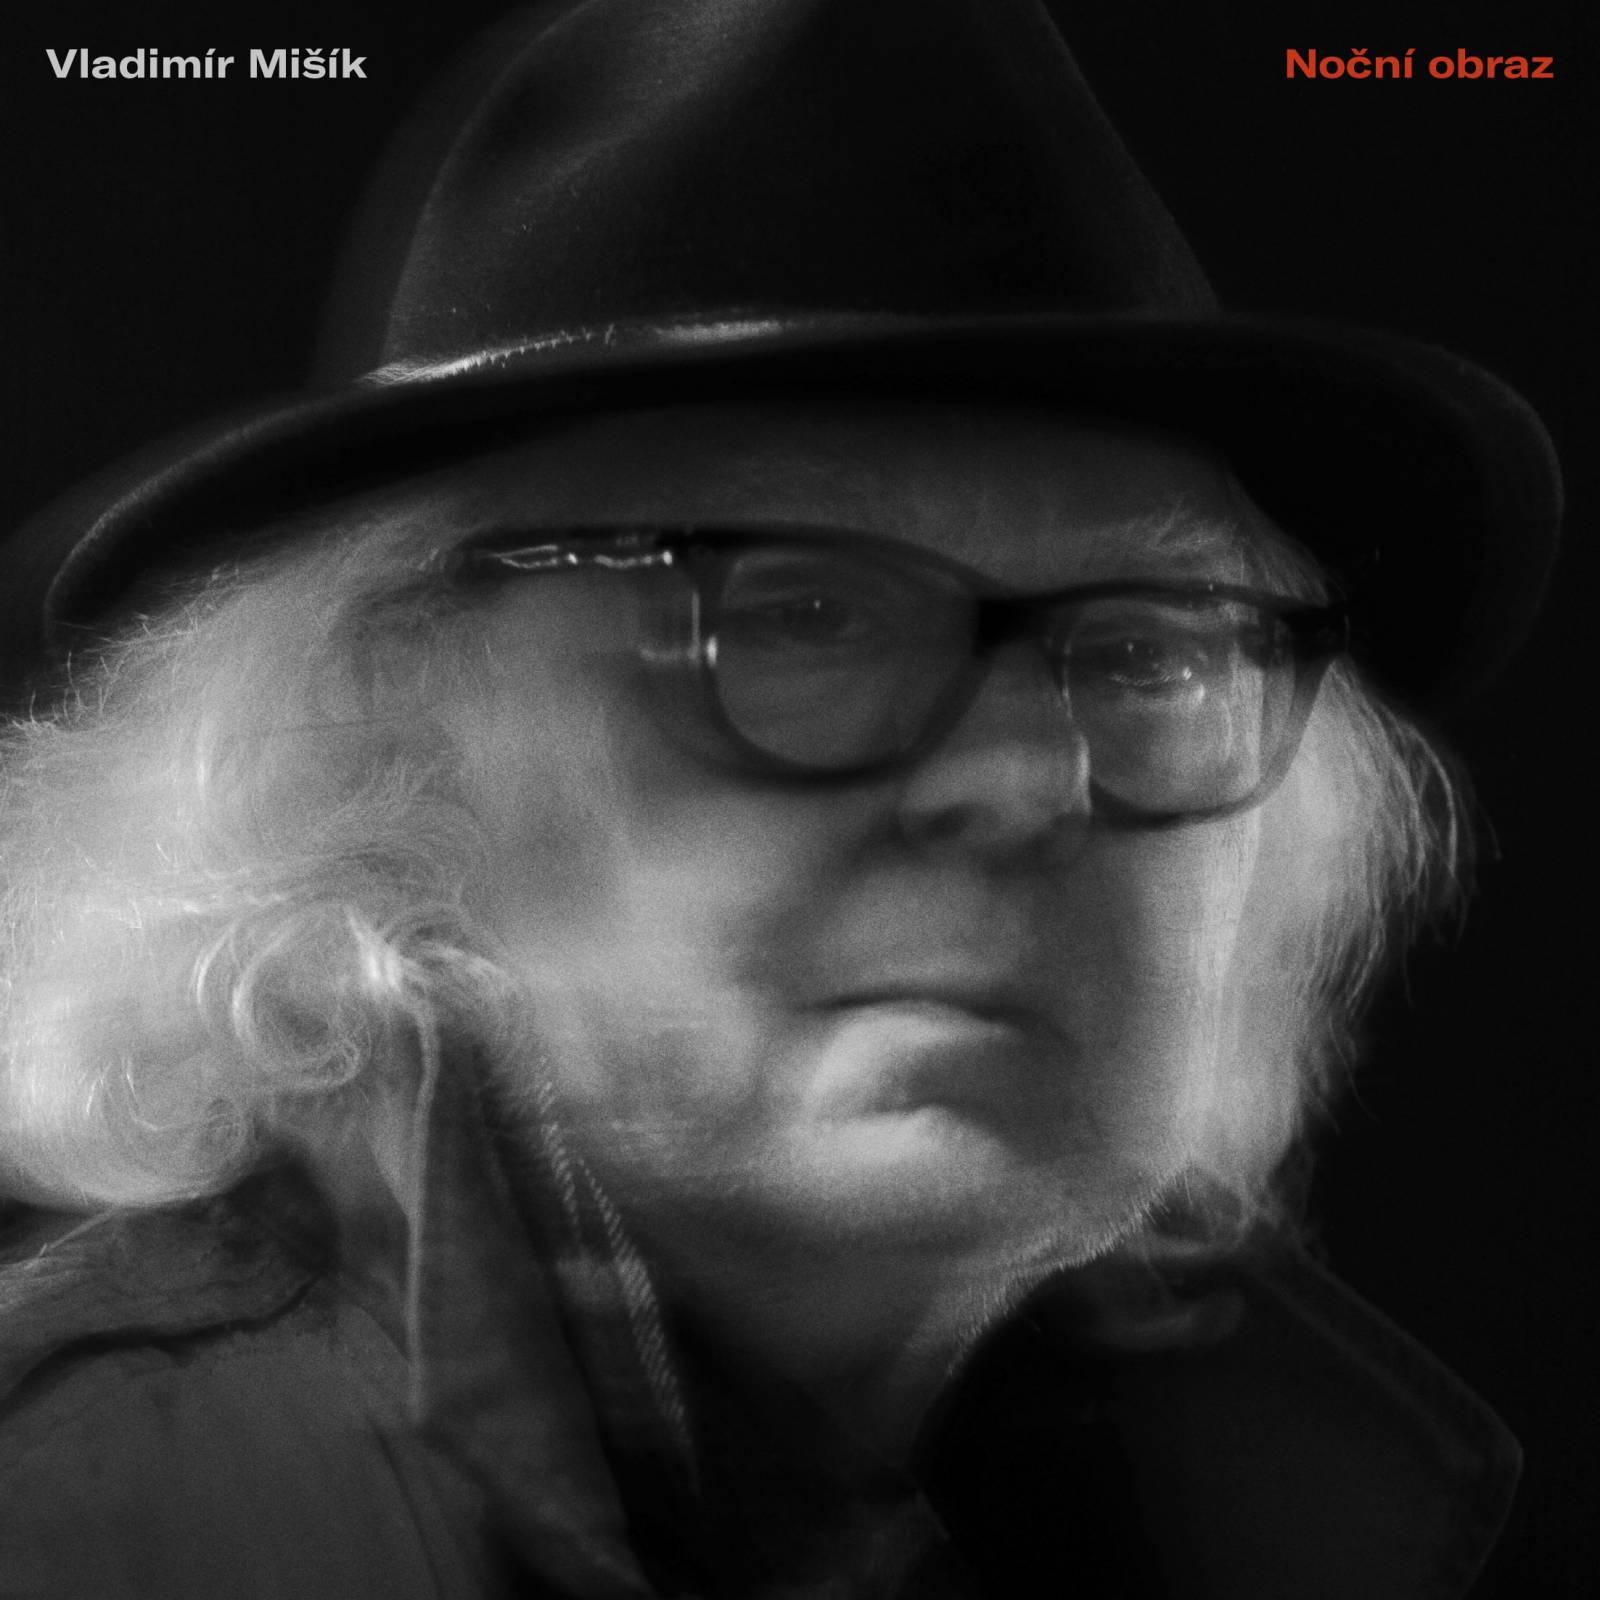 Vladimír Mišík vydává první singl z nového alba, Šedesátá léta doprovází animovaný klip